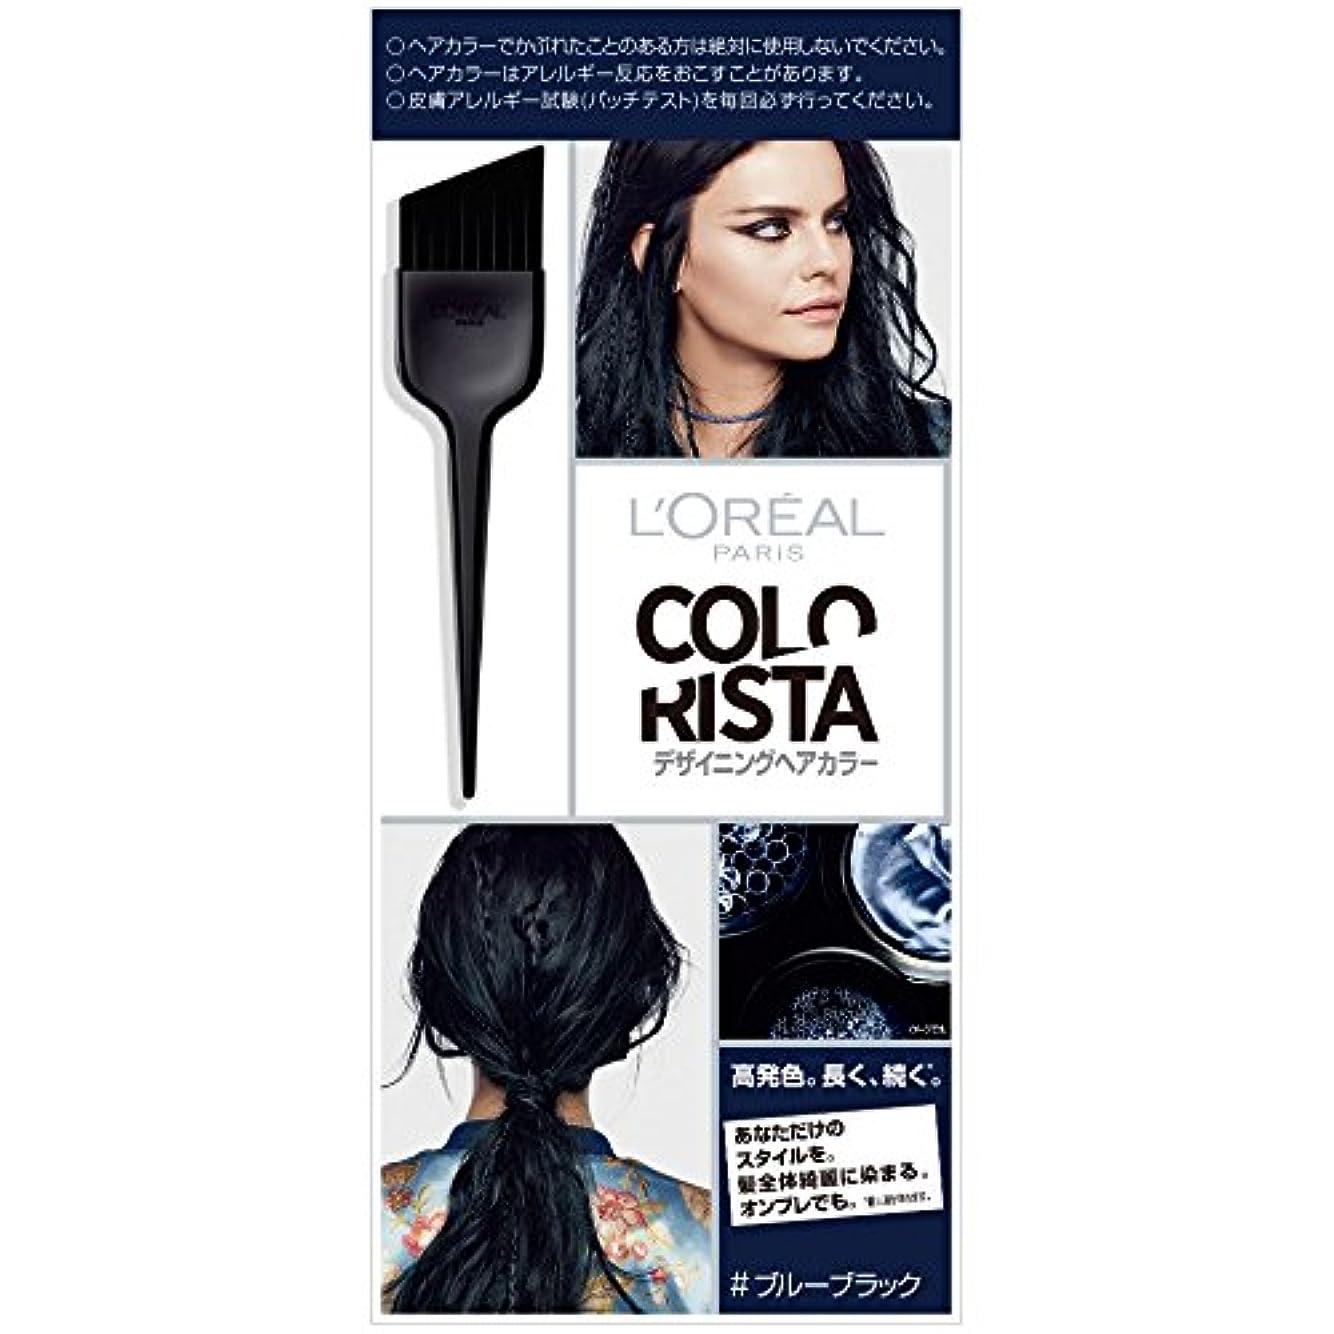 個性シミュレートするリスキーなロレアル パリ カラーリスタ デザイニングヘアカラー ブルーブラック